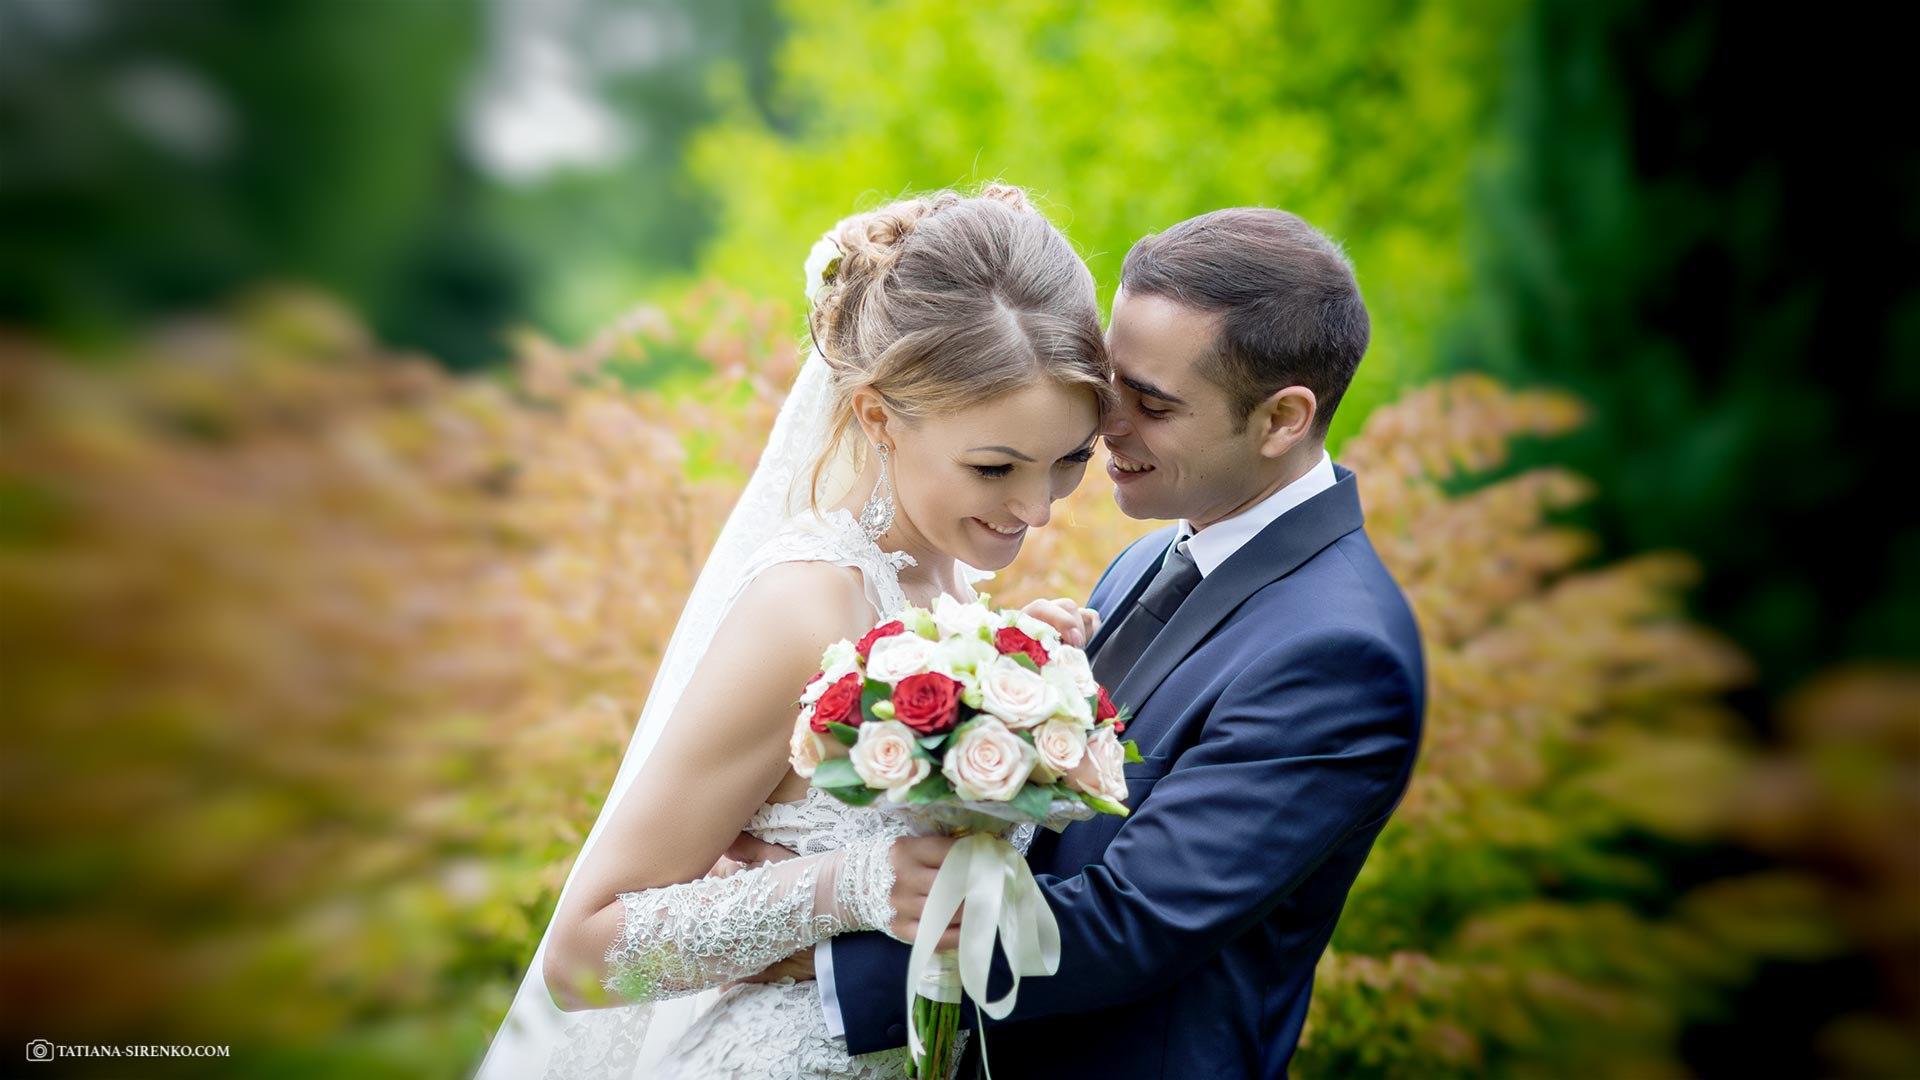 e6OkkJc43p0 - Денежные конкурсы на свадьбе: пять причин отказаться от них